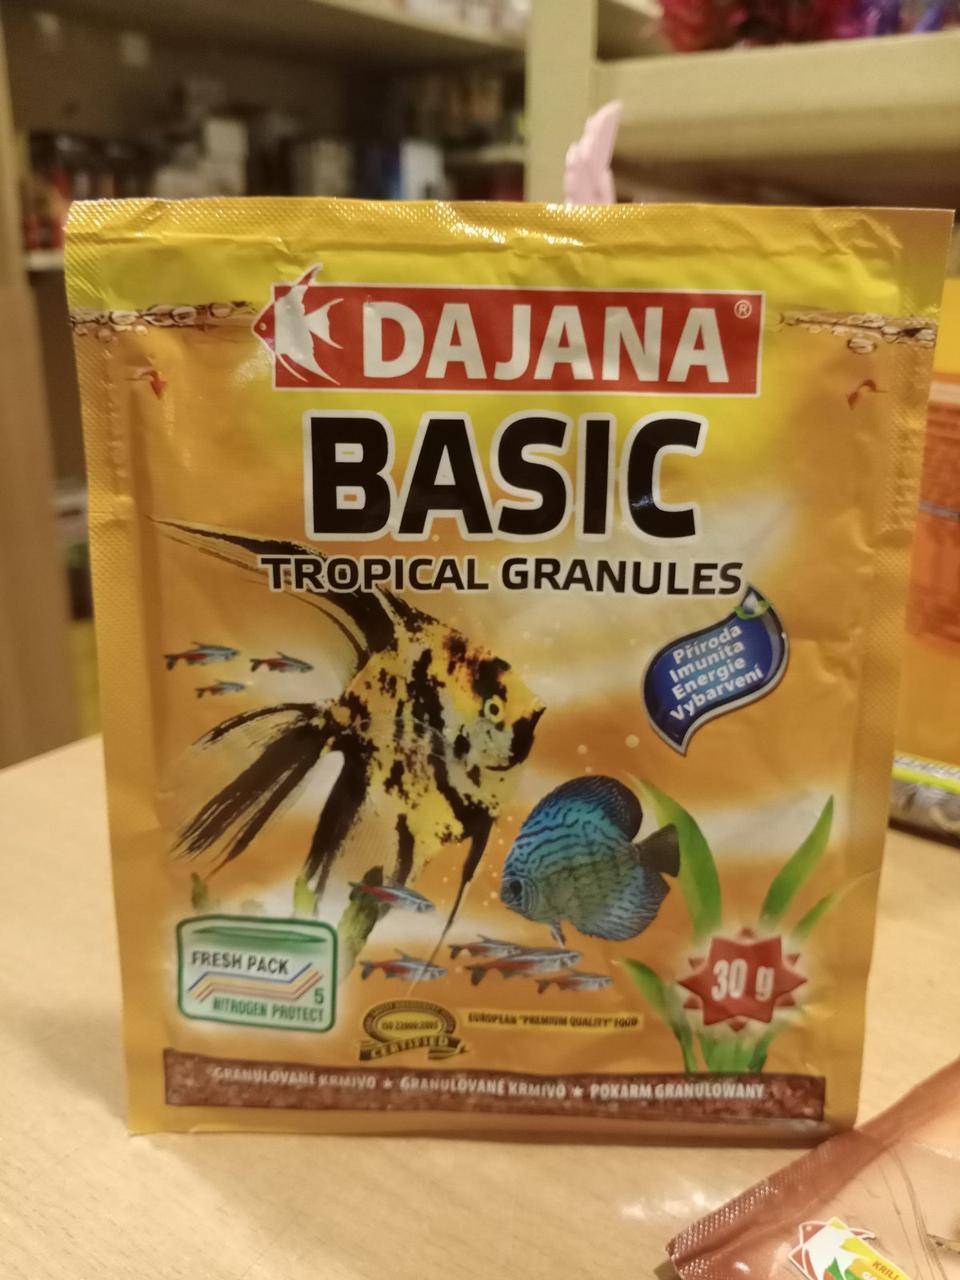 Dajana Tropi Gran Basic 30 g гранулированный корм для аквариумных рыб